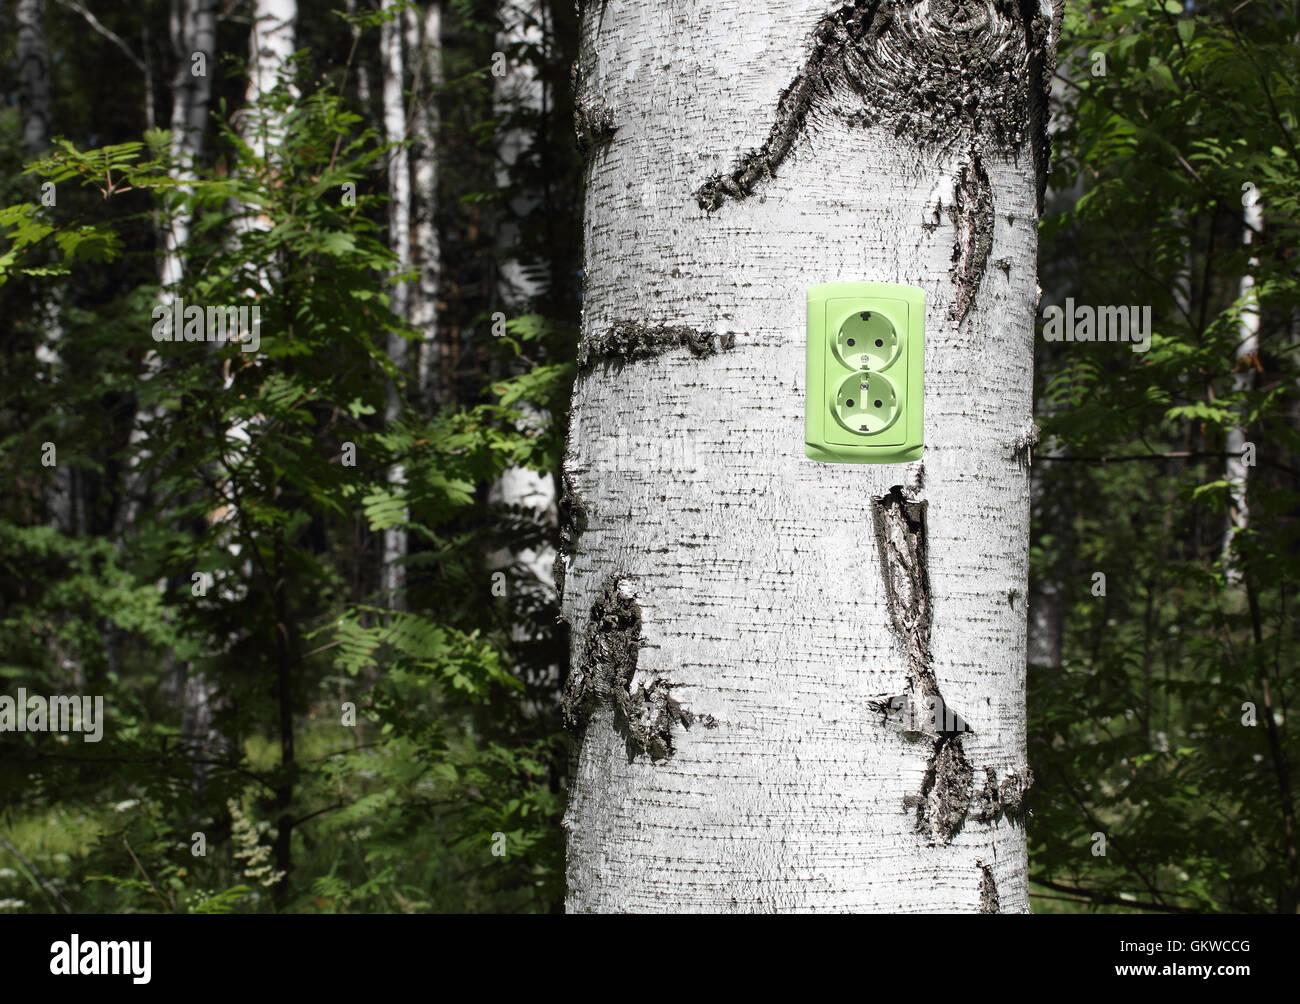 Receptáculo de alimentación en un árbol Imagen De Stock